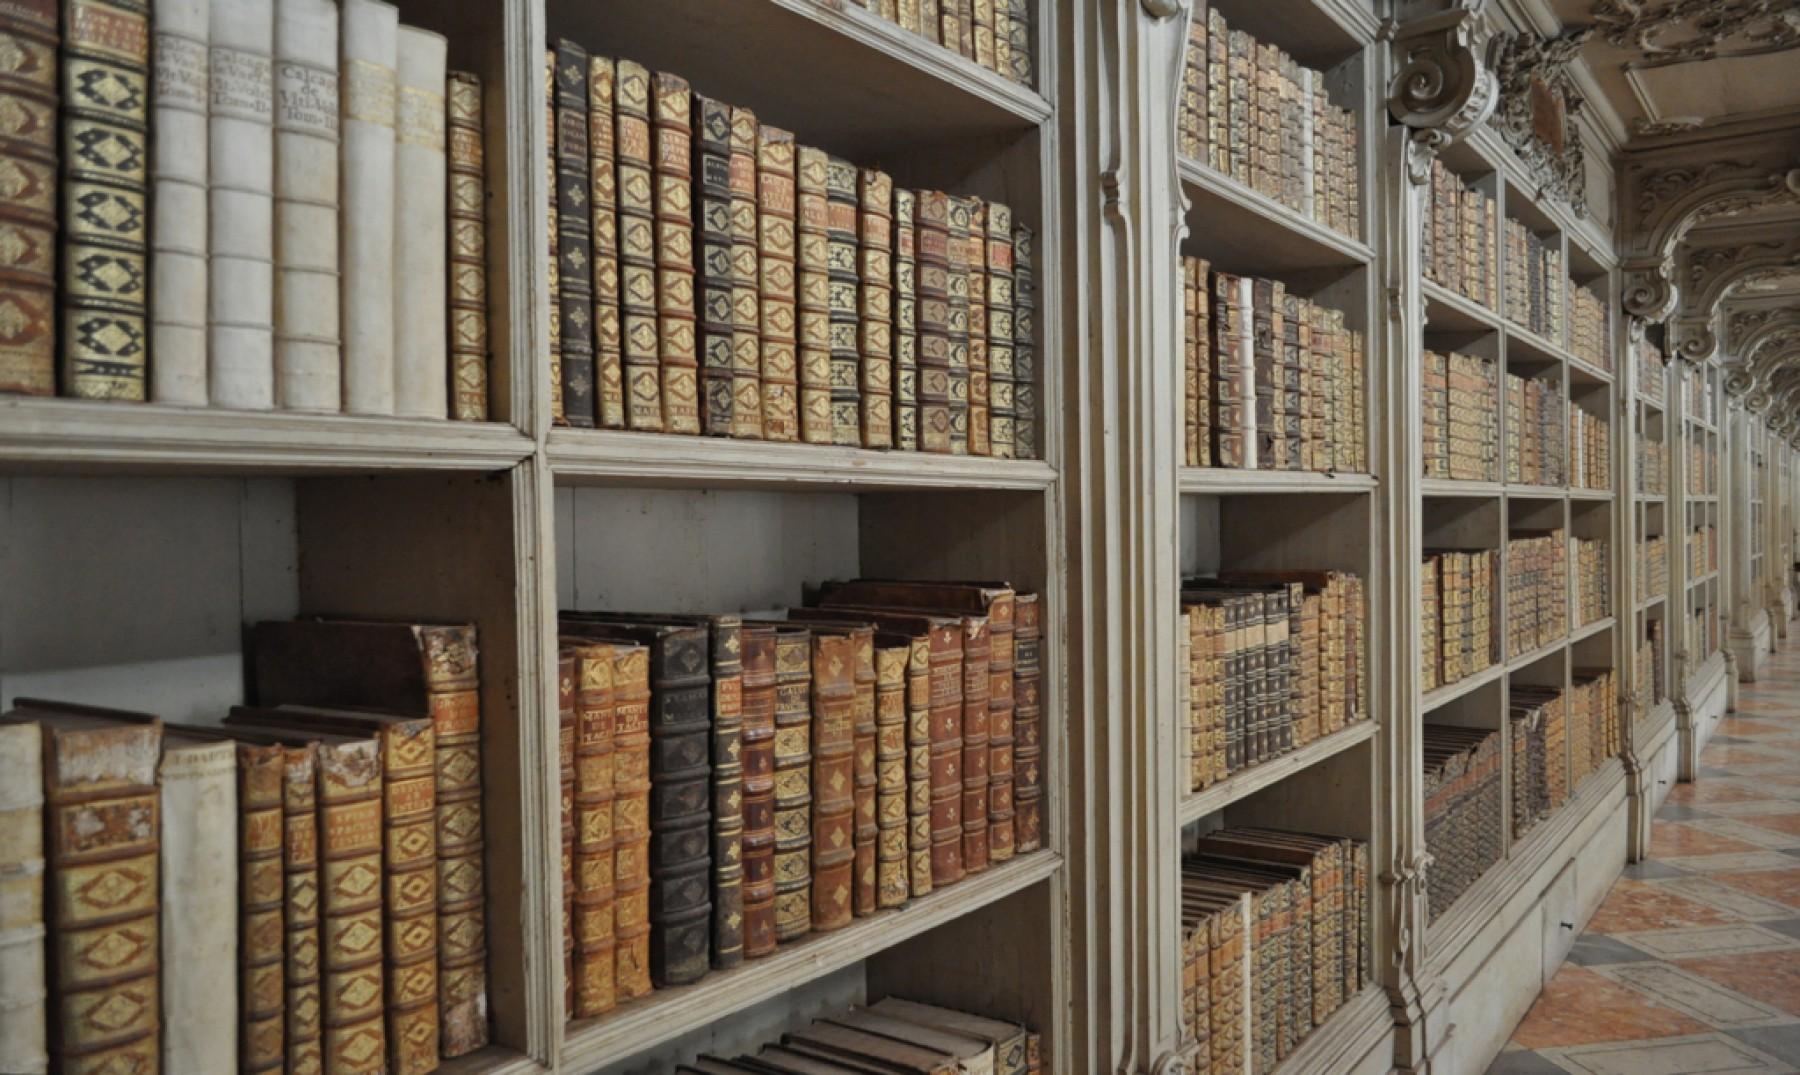 Piérdete en las bibliotecas más originales del mundo